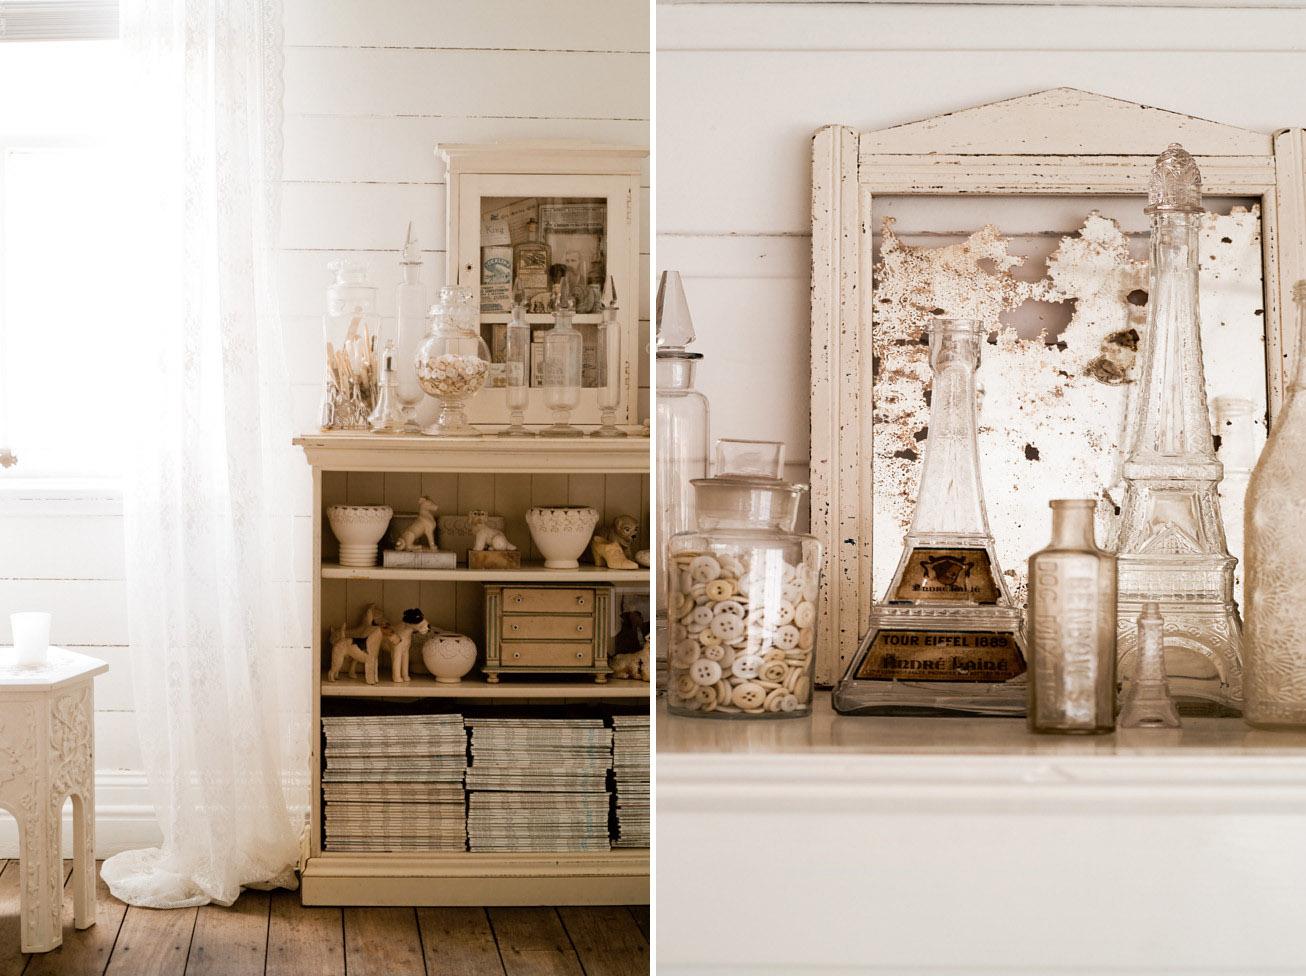 Un cottage circondato dal bianco   shabby chic interiors